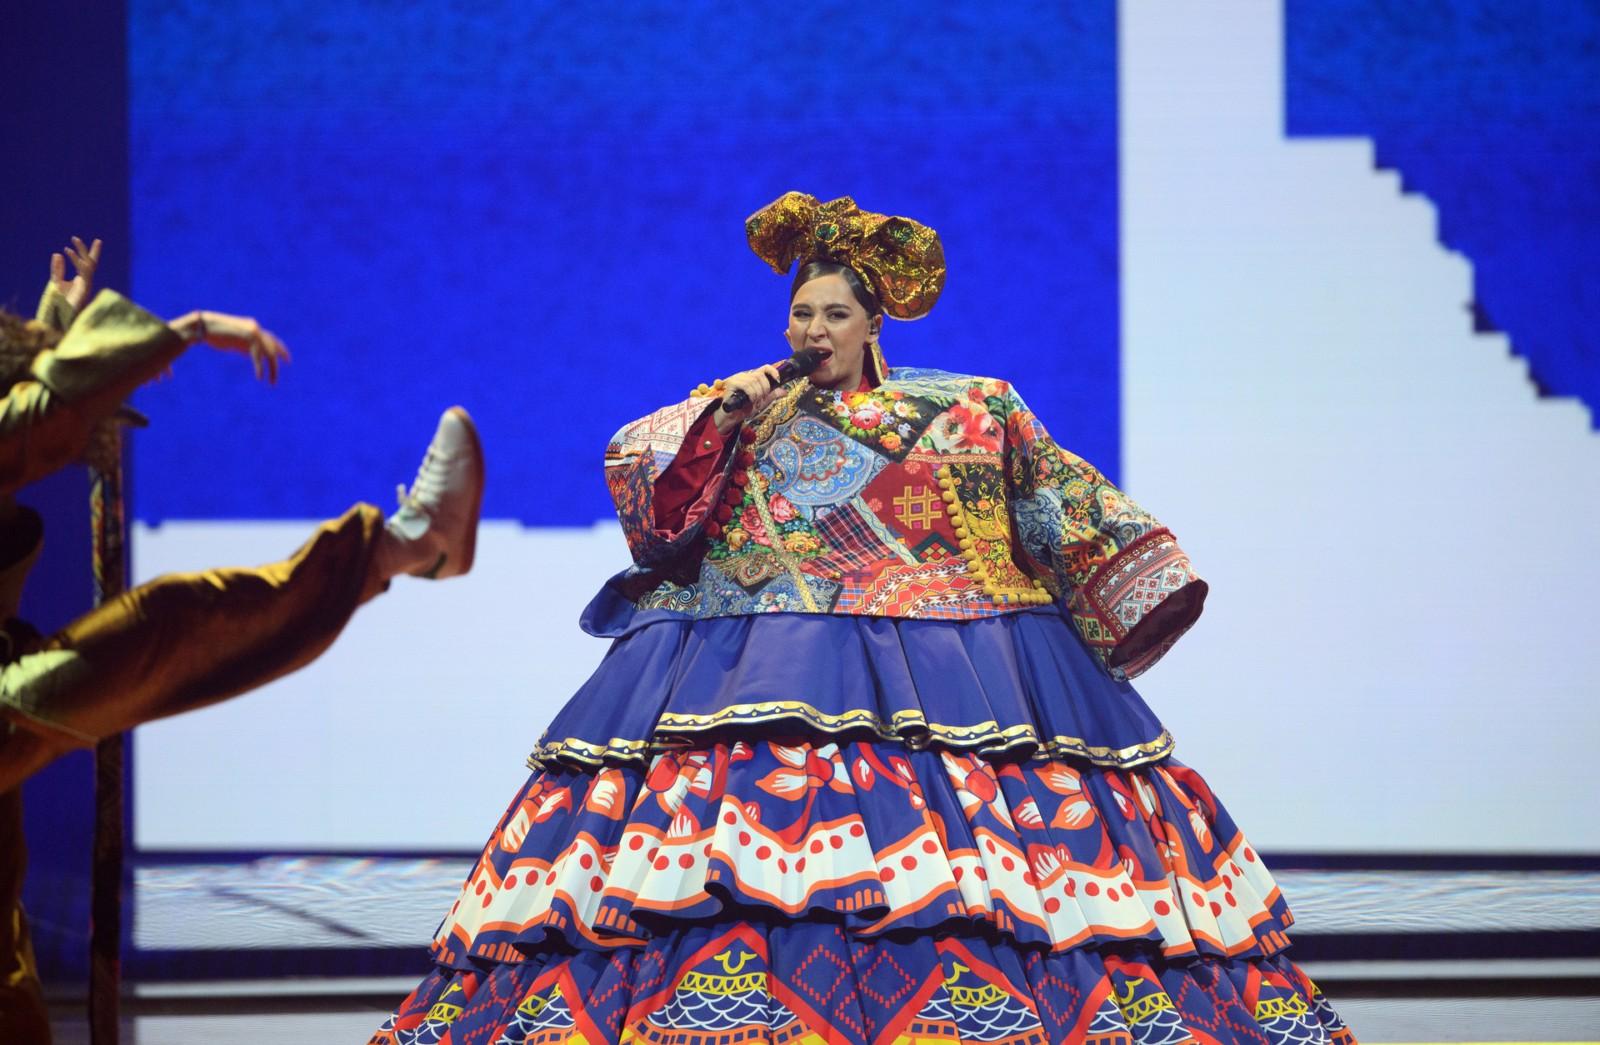 «Феноменальная участница»: почему зарубежным зрителям понравилось выступление Manizha в полуфинале Евровидения